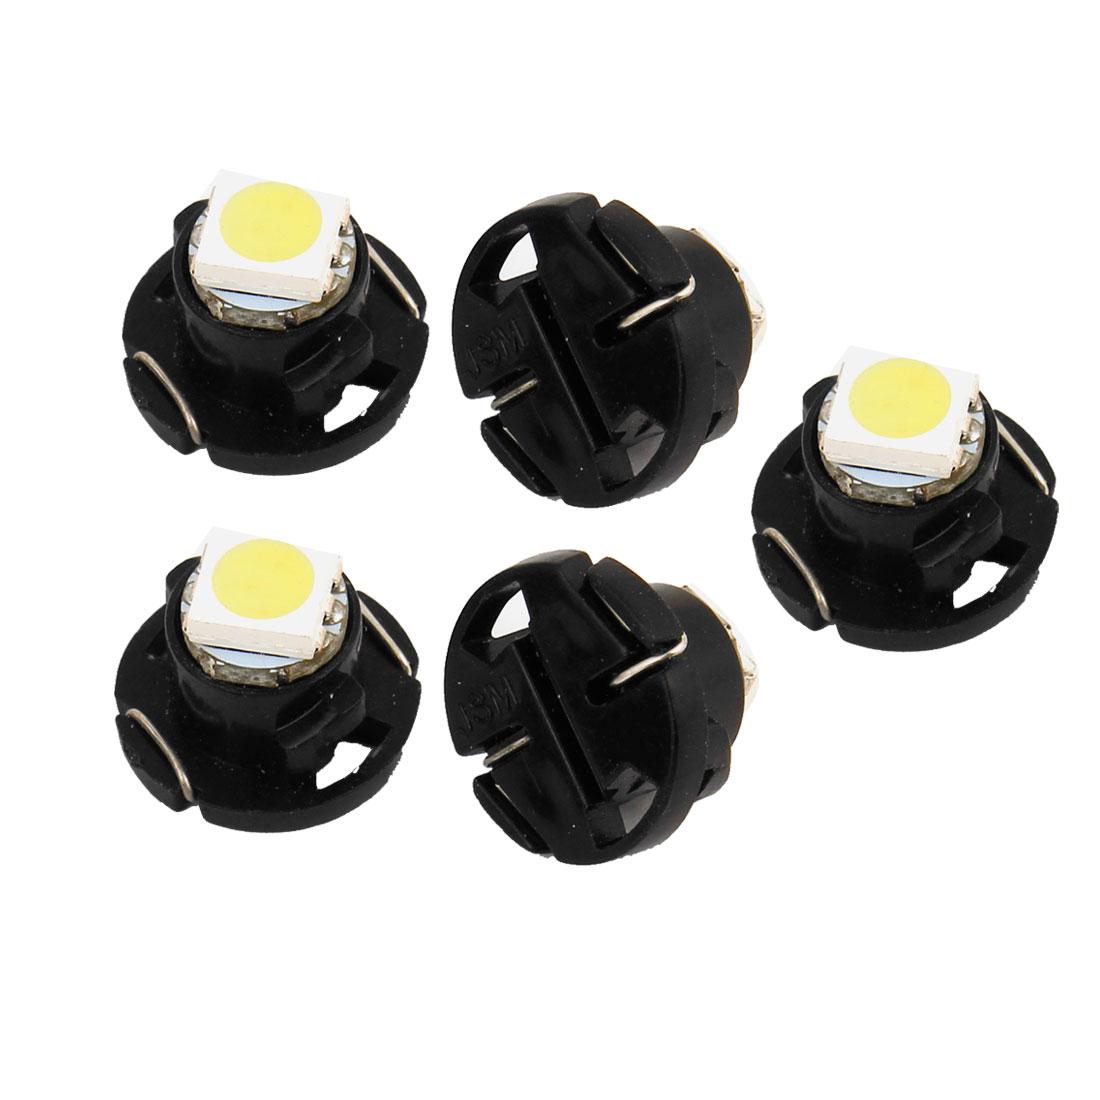 5 Pcs T4.7 5050 LED SMD Dashboard Panel Meter Light Bulb White 12V for Auto internal